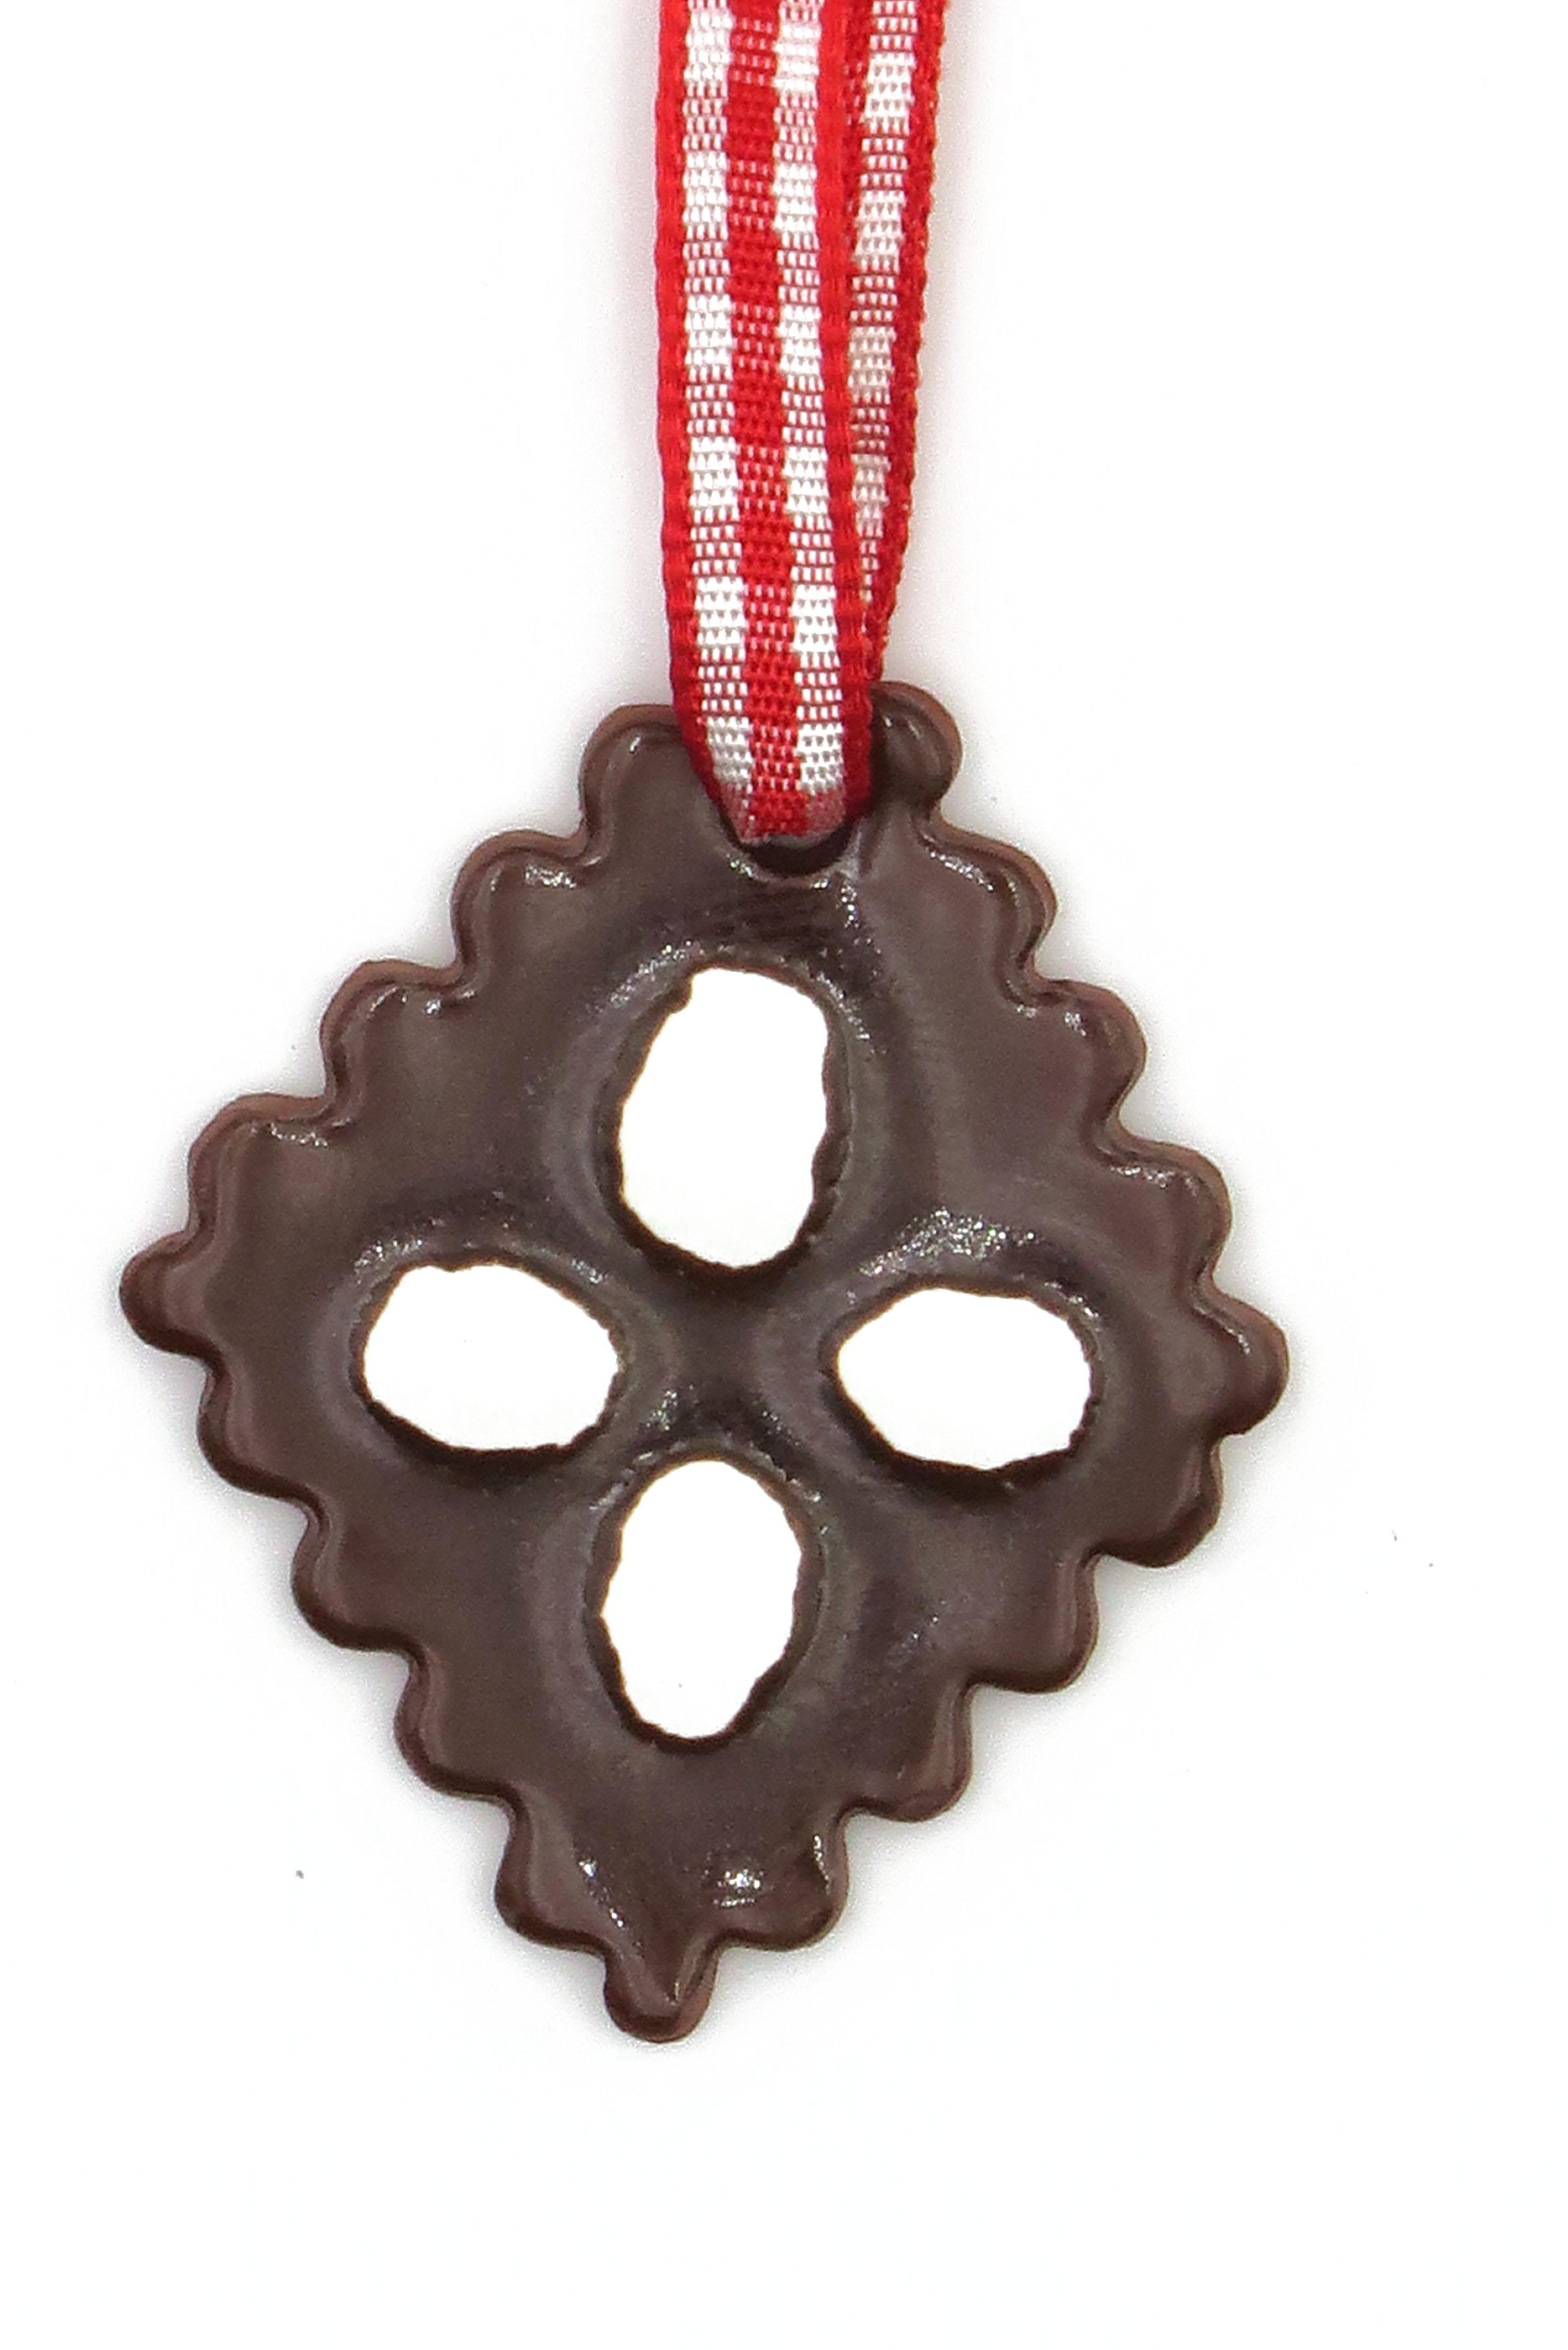 Schoko Lebkuchen mit Zuckerguss Keramik Geschenk Anhänger Weihnachten/ M 3cm